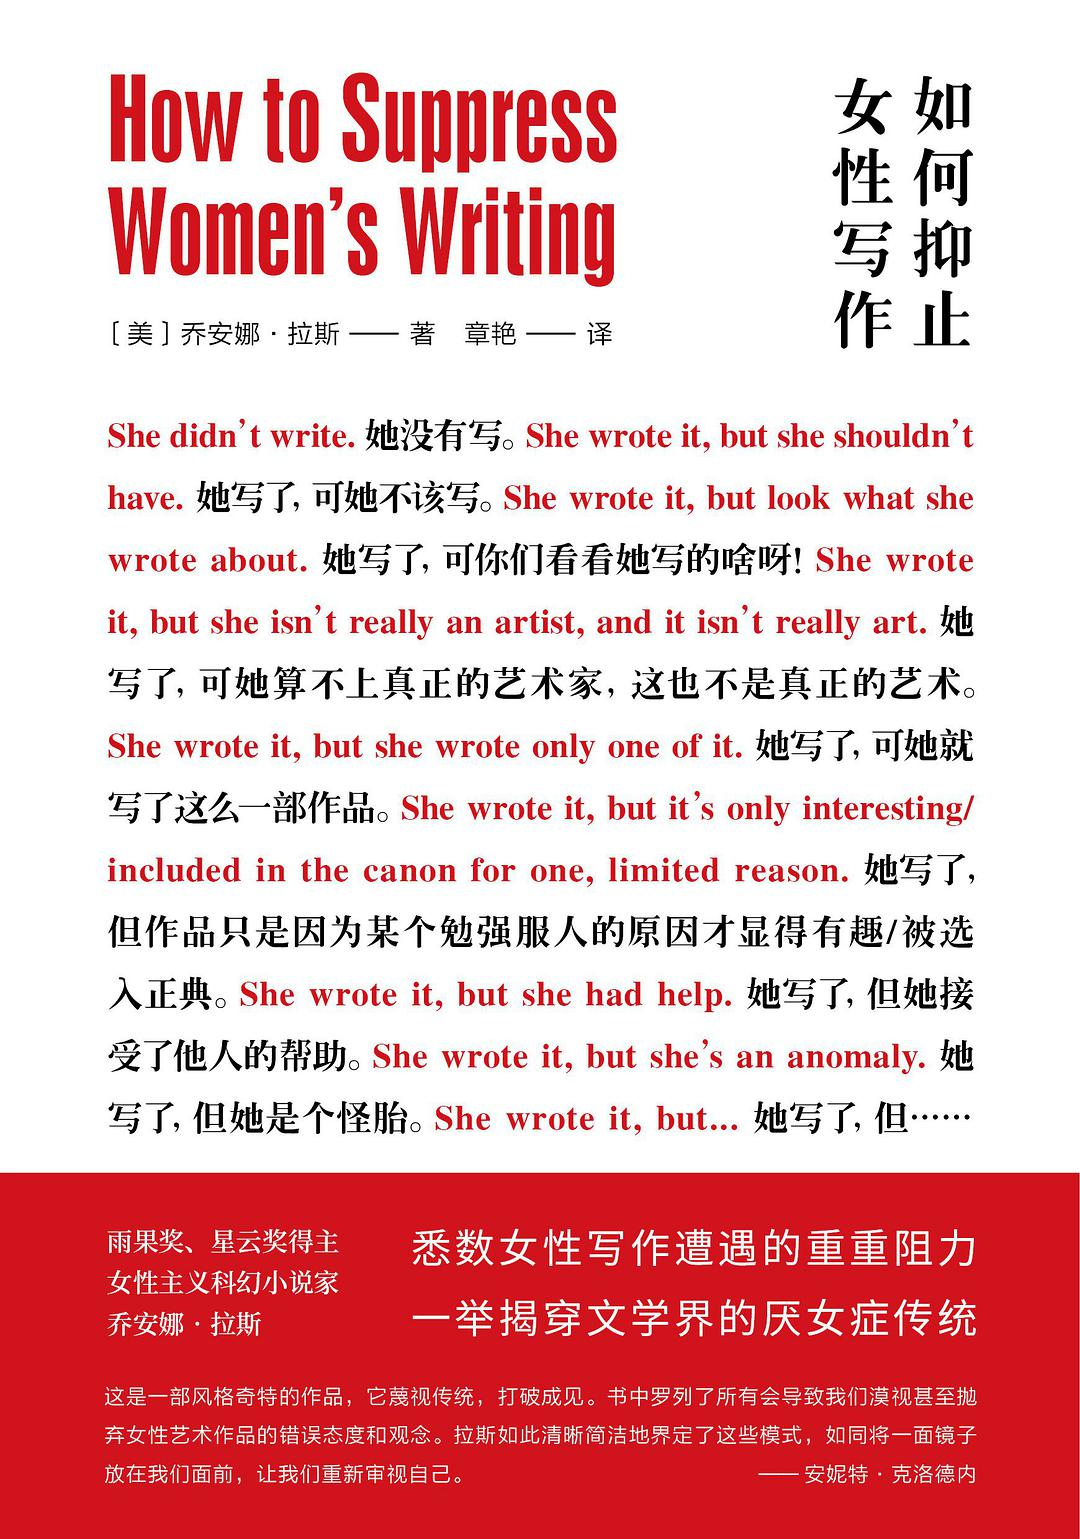 如何抑止女性写作-好书天下